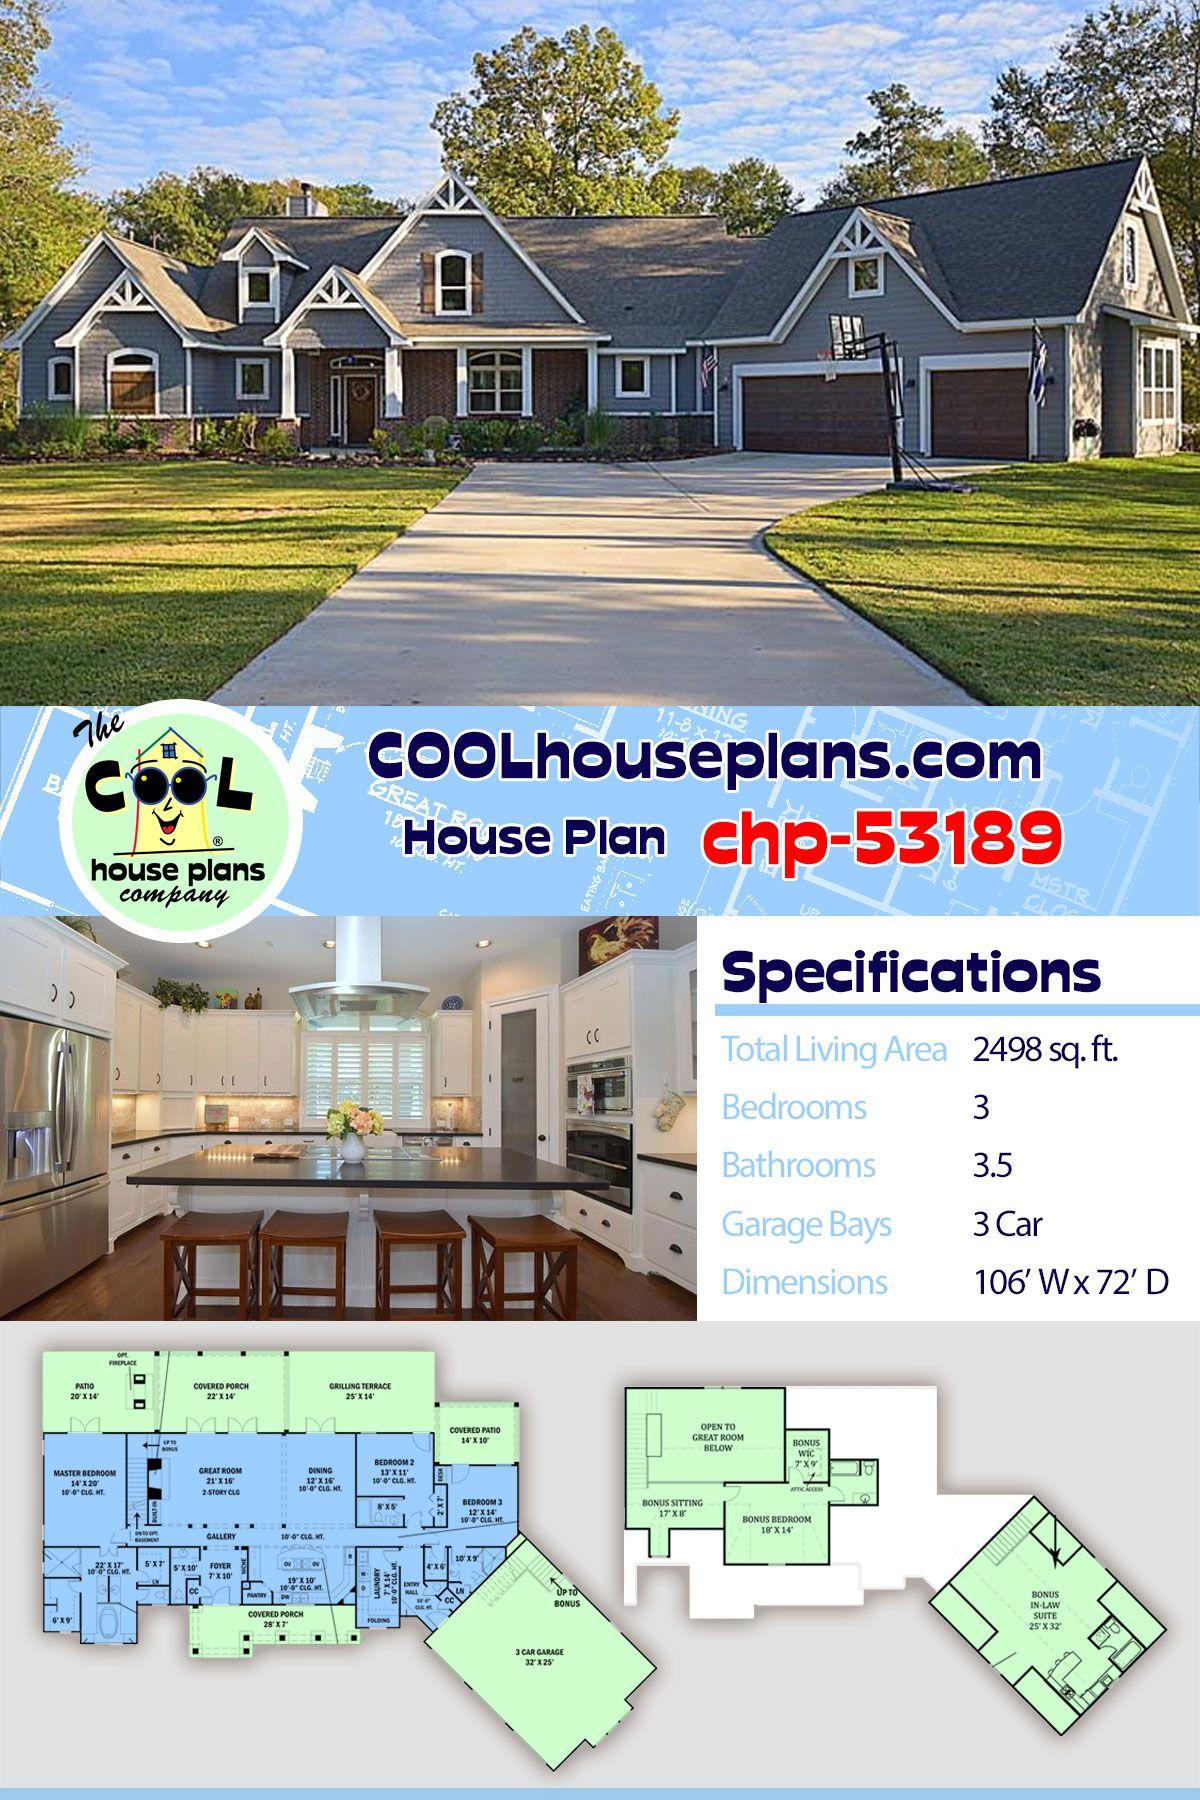 Tudor Style House Plan 98267 With 3 Bed 4 Bath 3 Car Garage Craftsman House Plans House Plans House